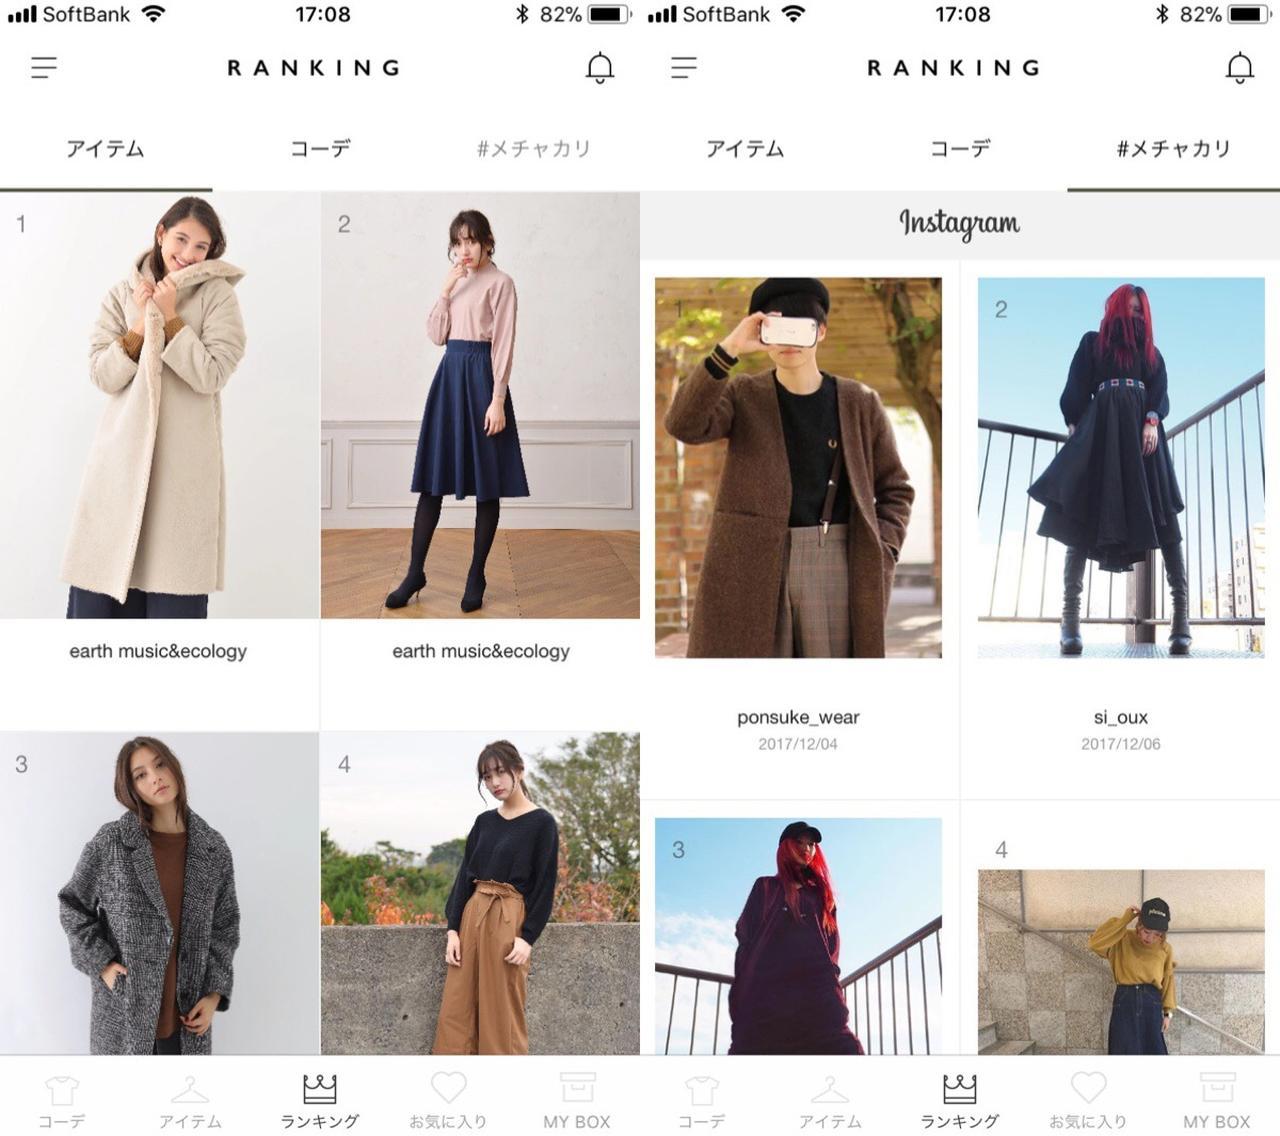 画像4: 人気ブランドたくさん!着用イメージがわかりやすい旬のアイテム特集も便利です。